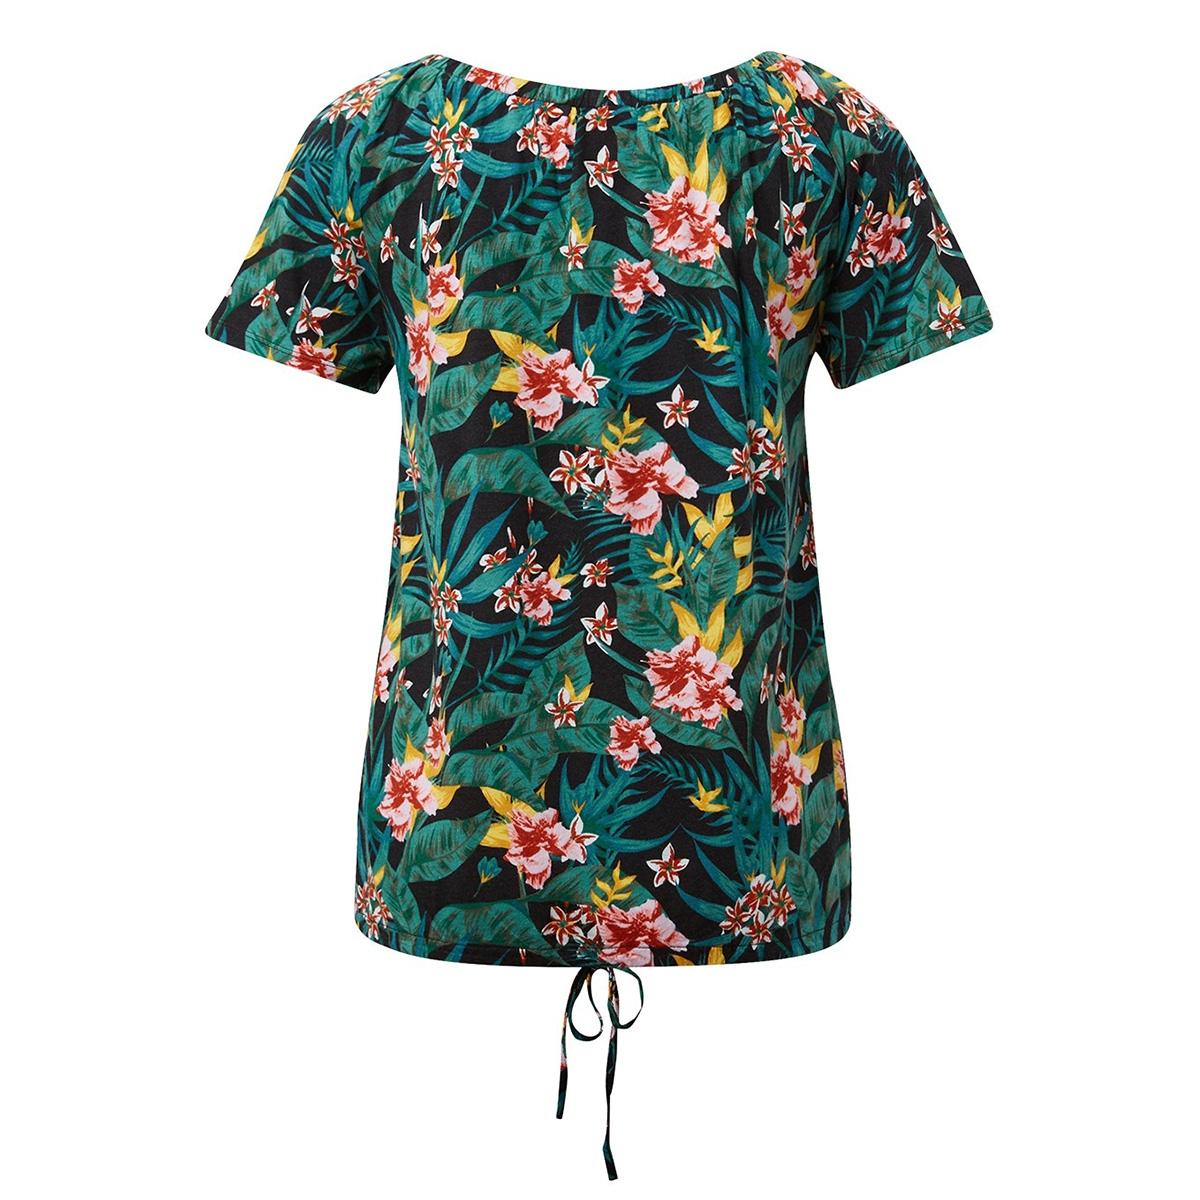 off shoulder shirt met bloemmotief 1011078xx70 tom tailor t-shirt 17739